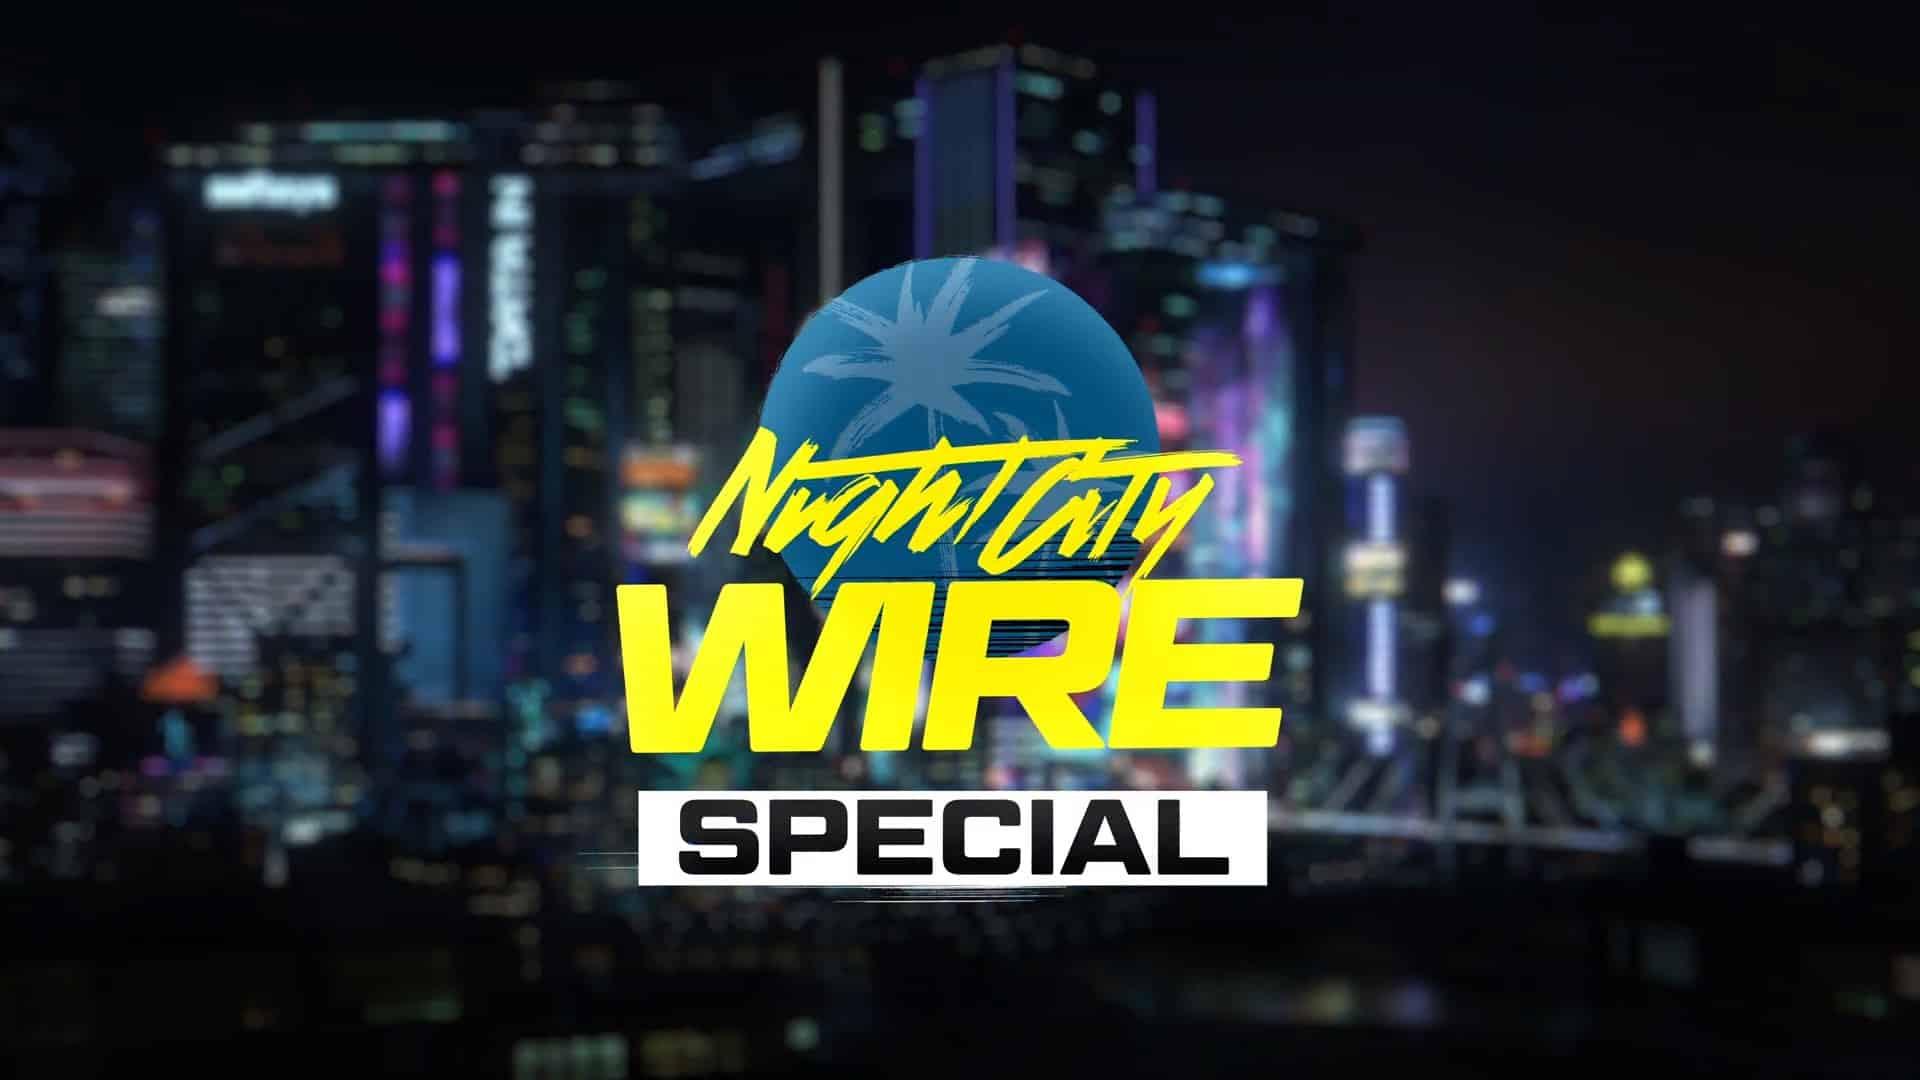 cyberpunk night city wire special xbox